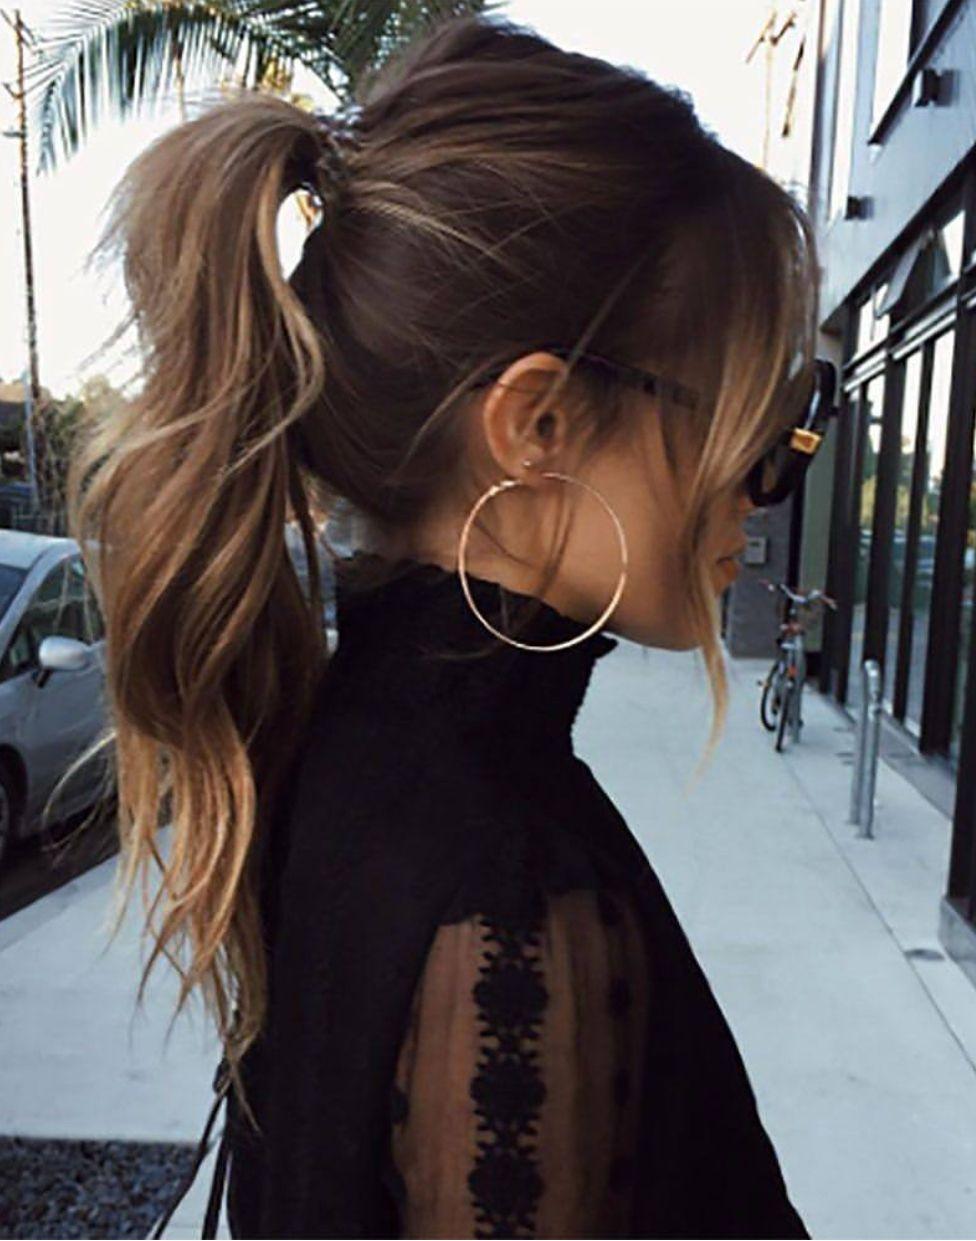 deborahpraha ponytail